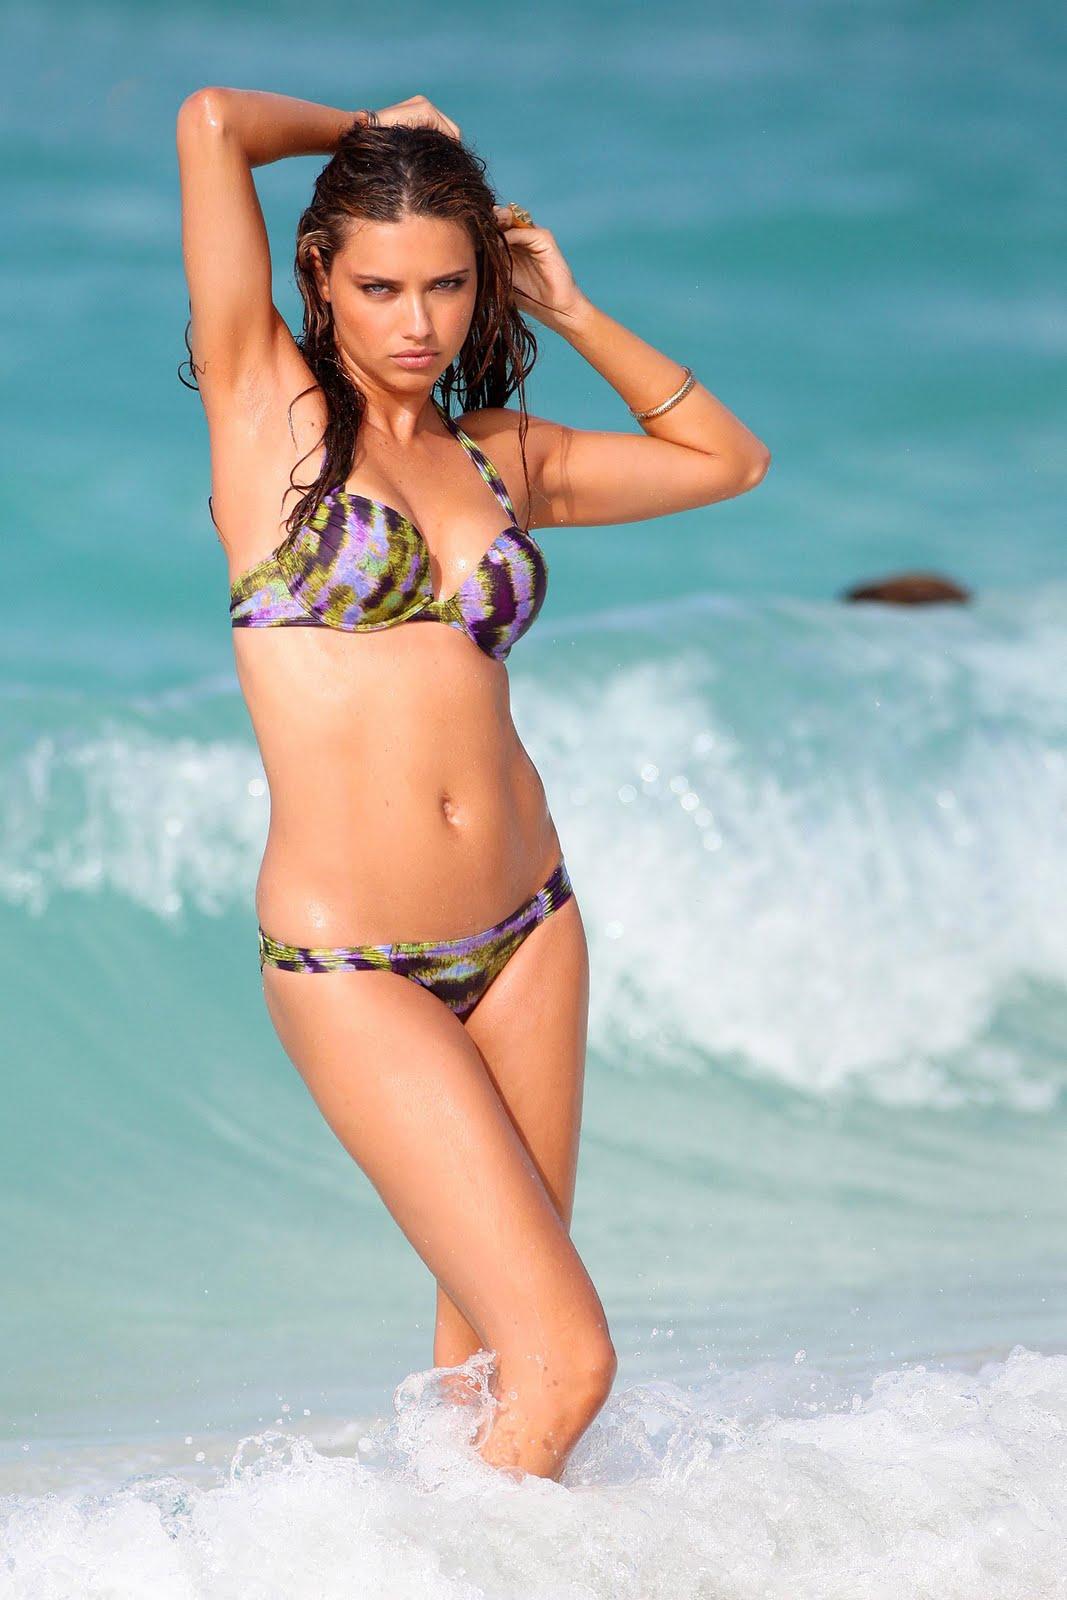 http://3.bp.blogspot.com/-B_3dI469hBg/UJtUWYoJGrI/AAAAAAAAFq8/wXPCKXRQ4pk/s1600/Adriana+Lima+(12).jpg